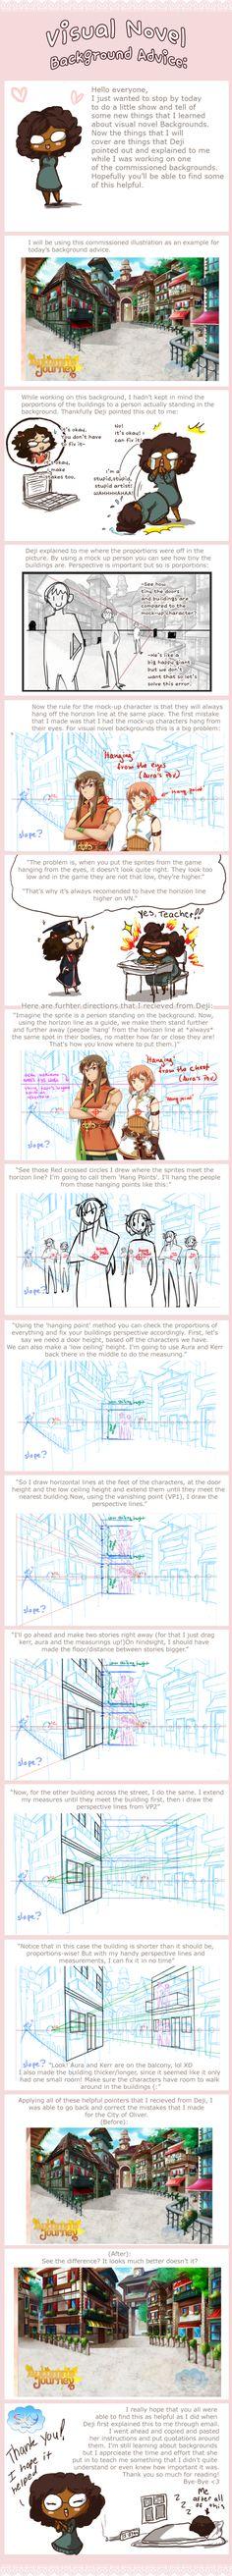 Visual Novel Background Tutorial by SKY-Morishita.deviantart.com on @DeviantArt